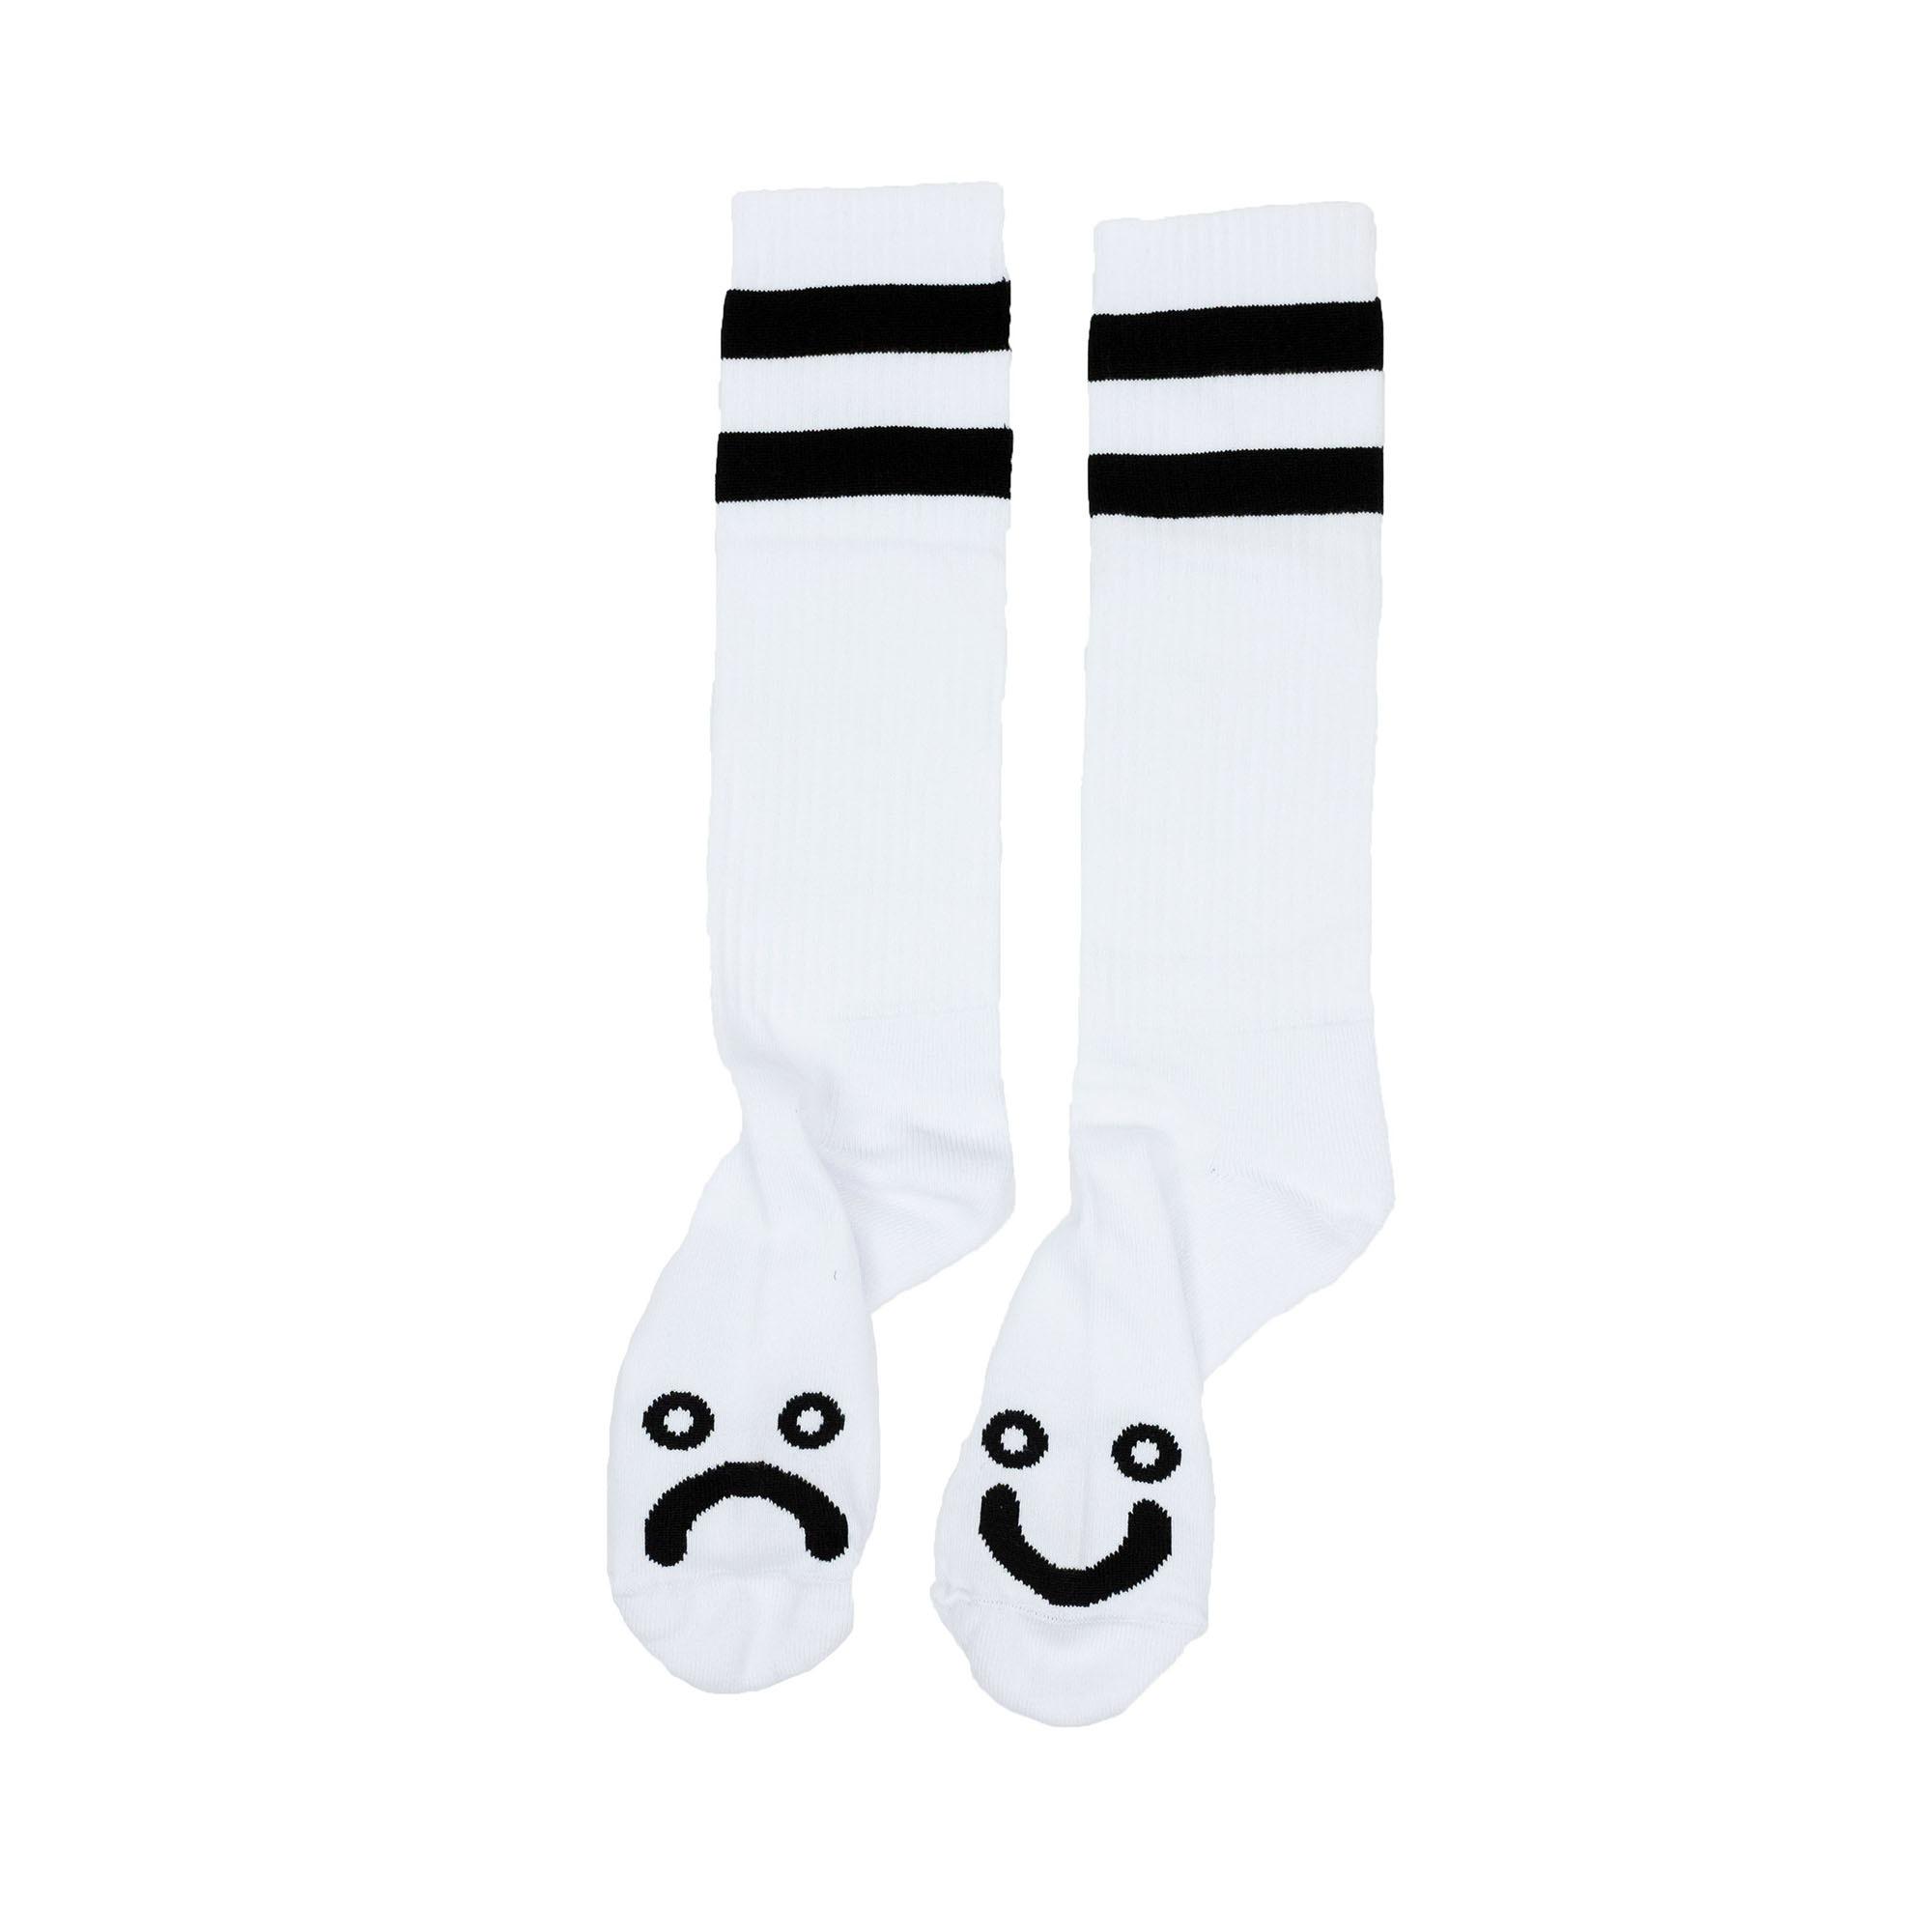 Polar Skate Co. Happy Sad Socks - White